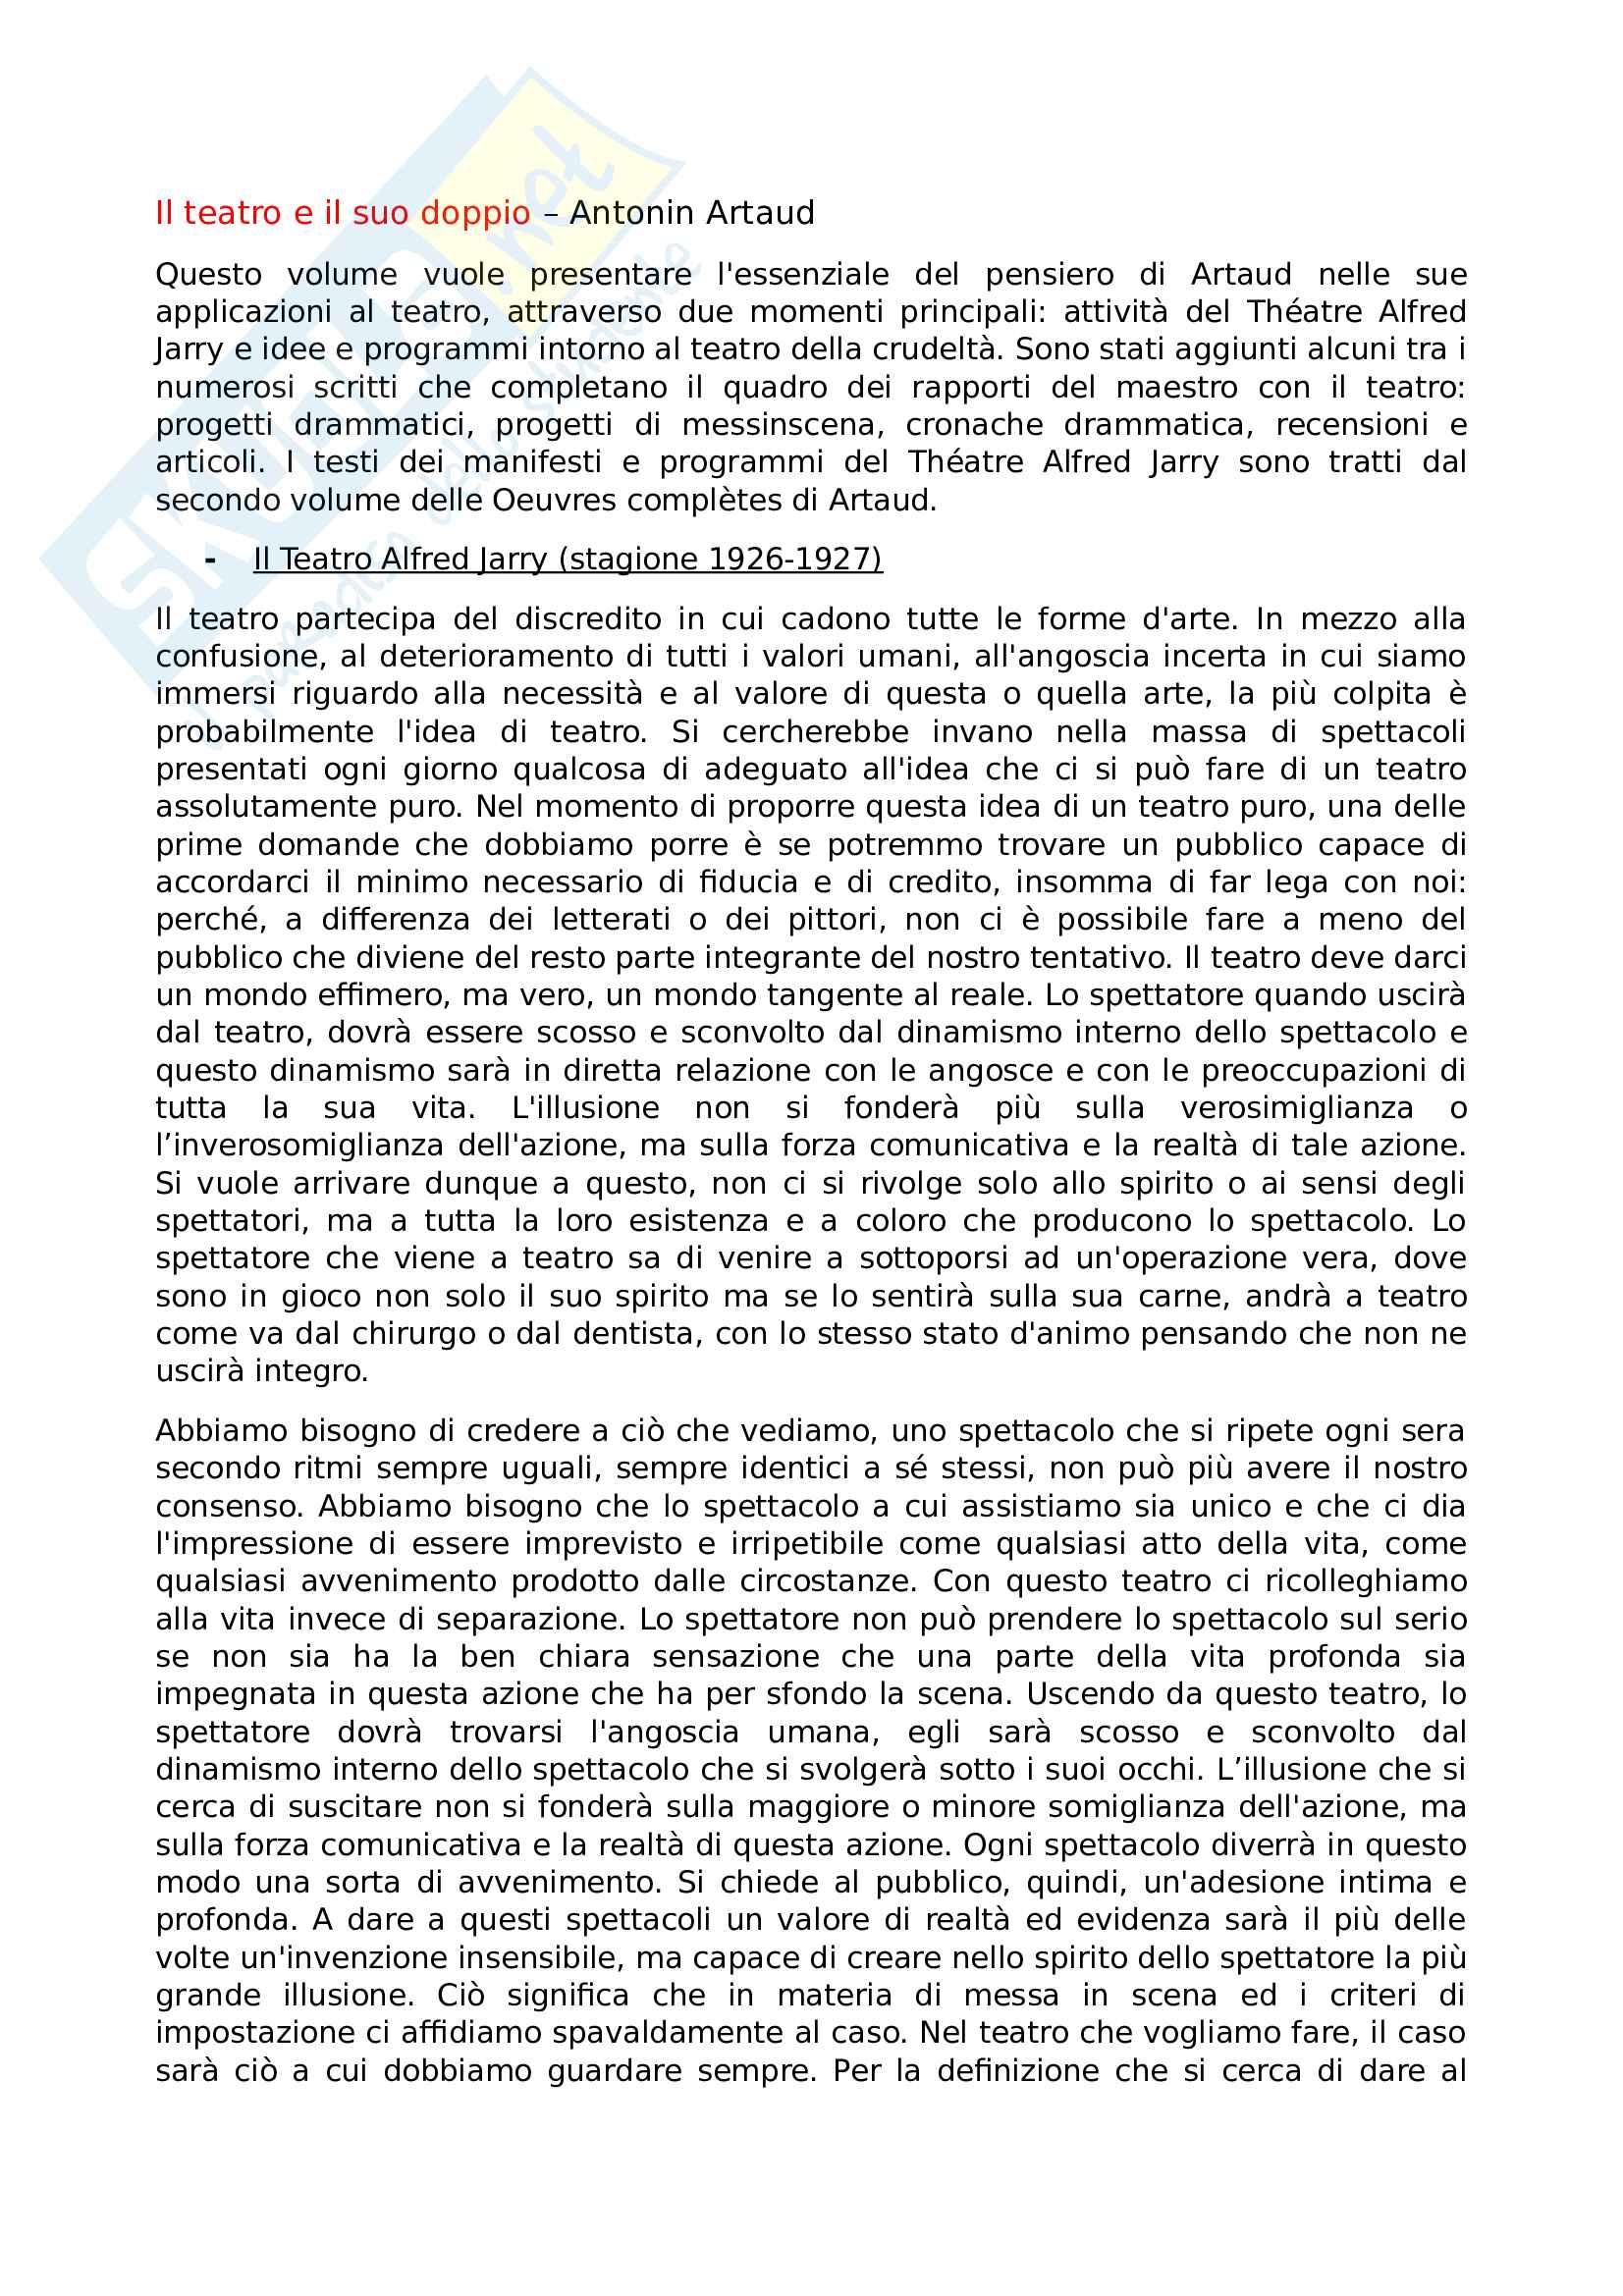 Riassunto esame Teatro, spettacolo, performance, prof. Guarino, libro consigliato Il teatro e il suo doppio, Artaud